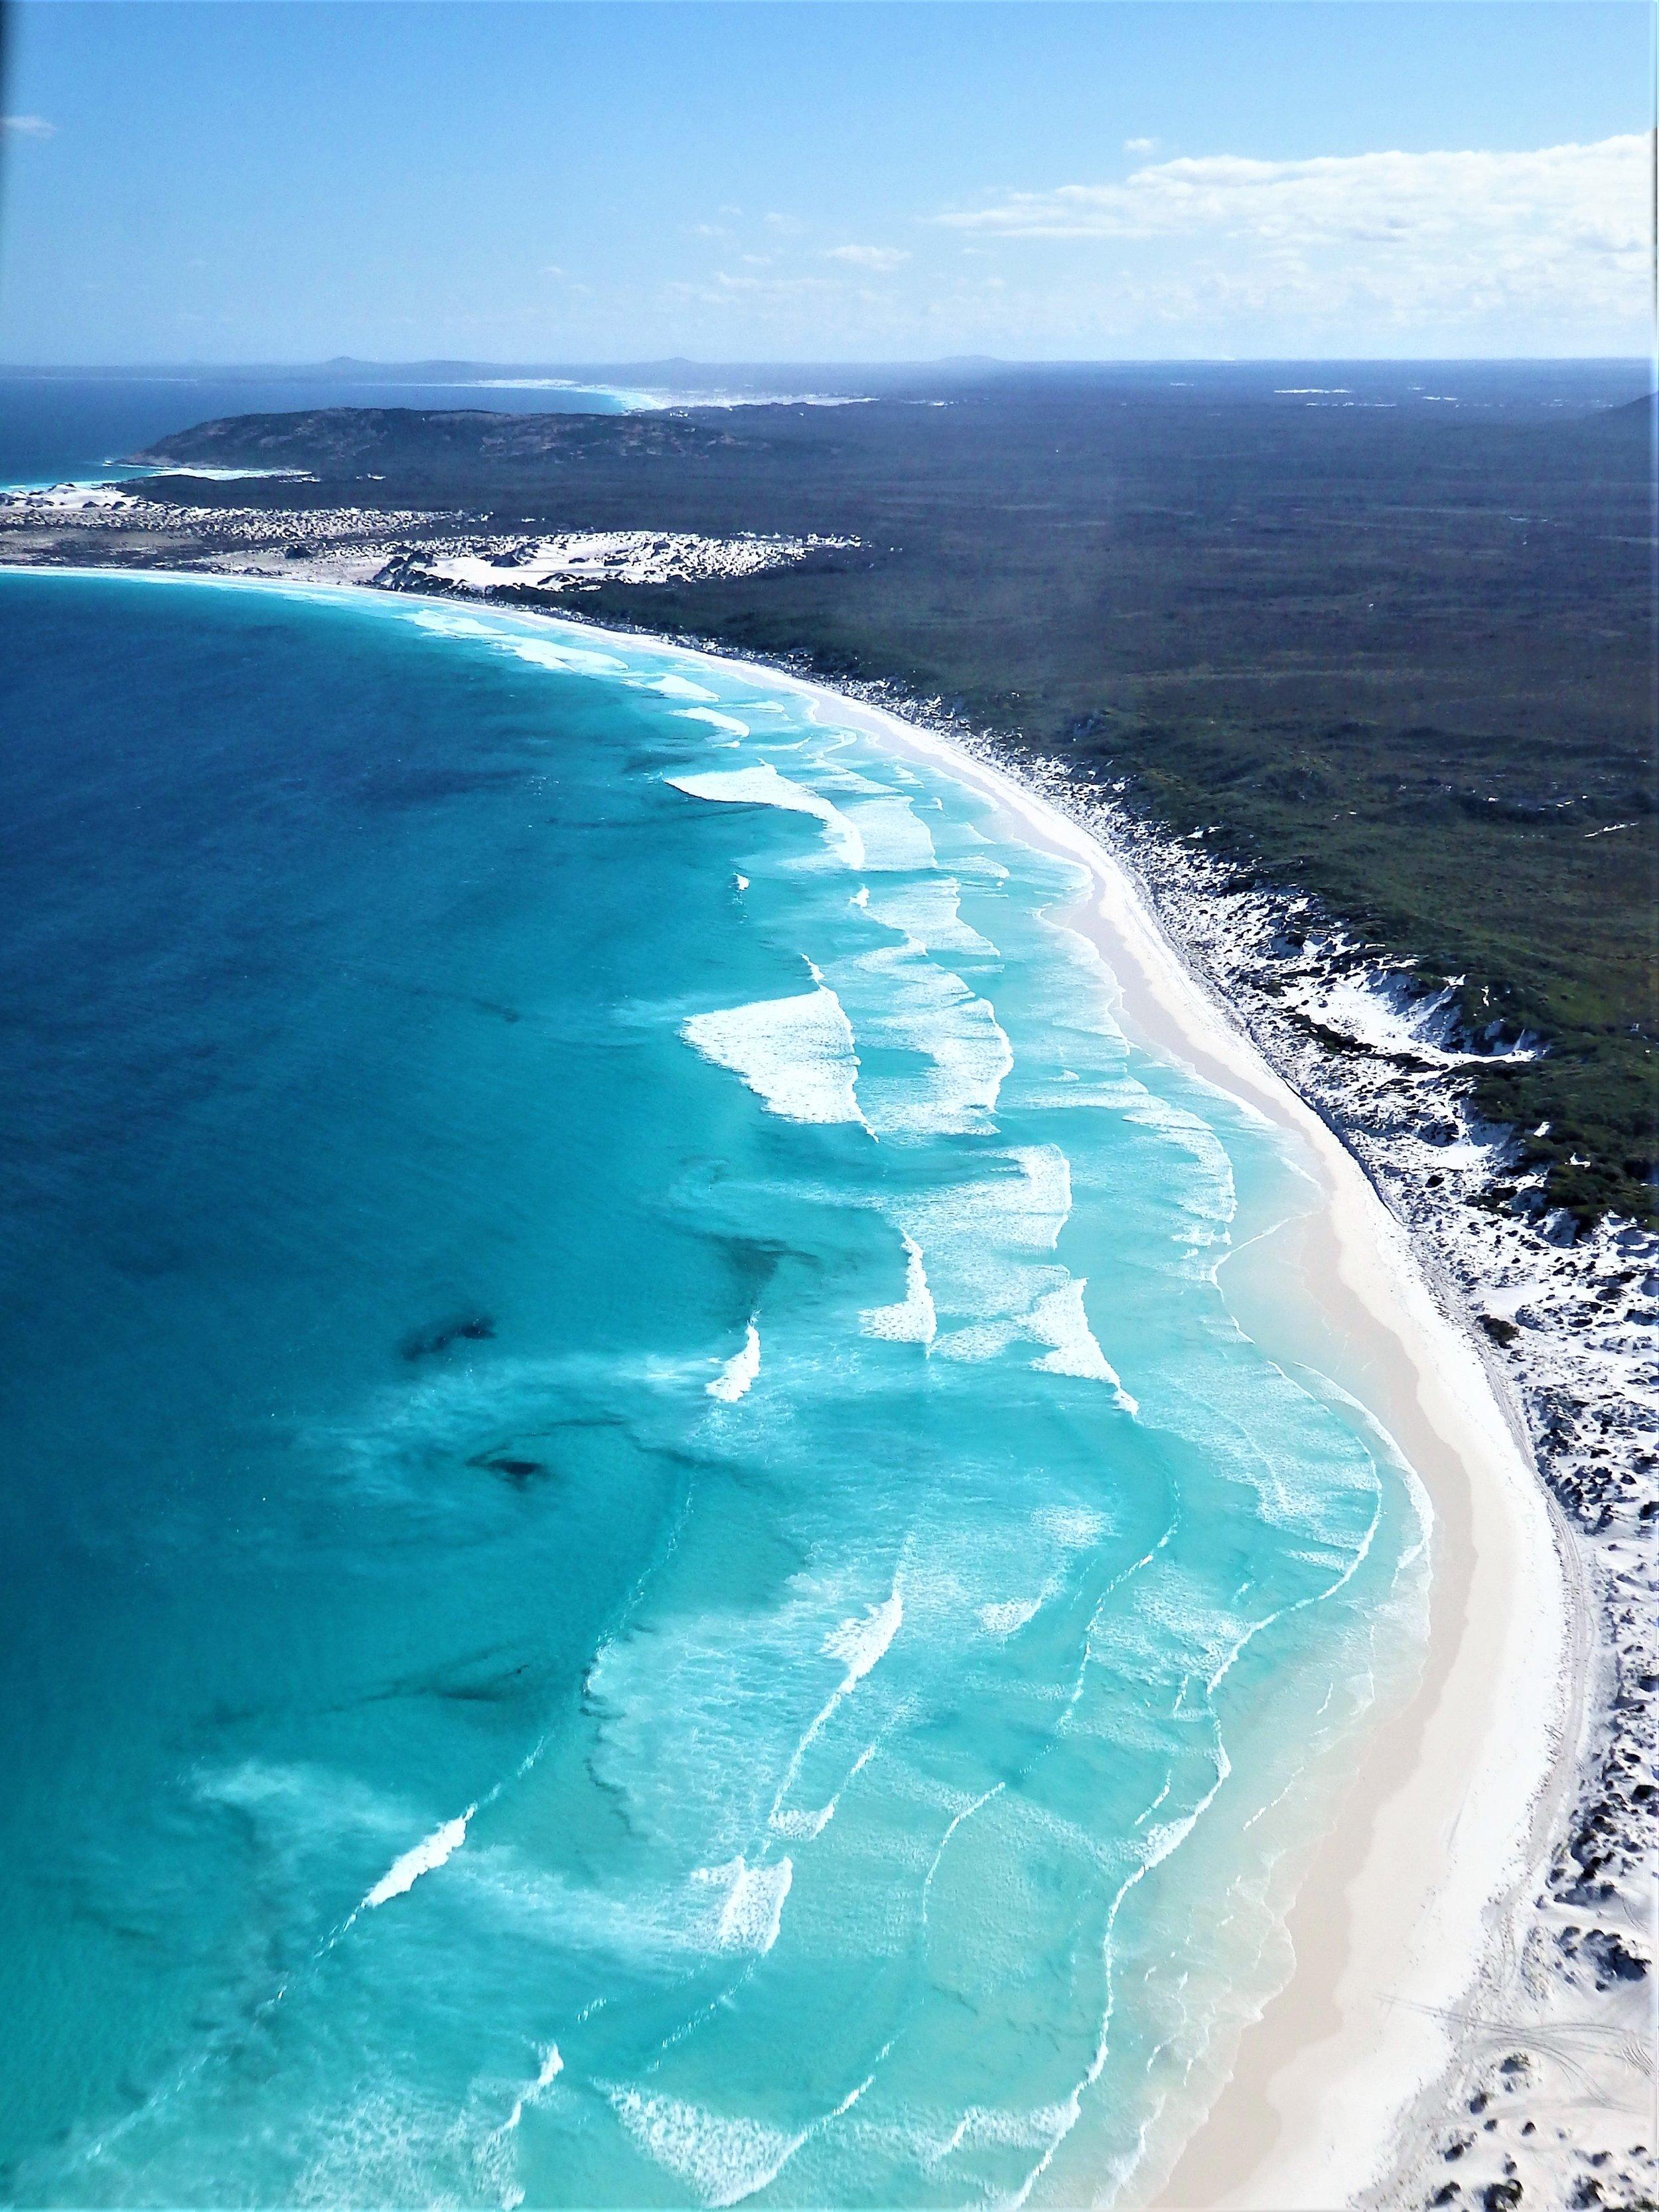 Deserted beaches for miles